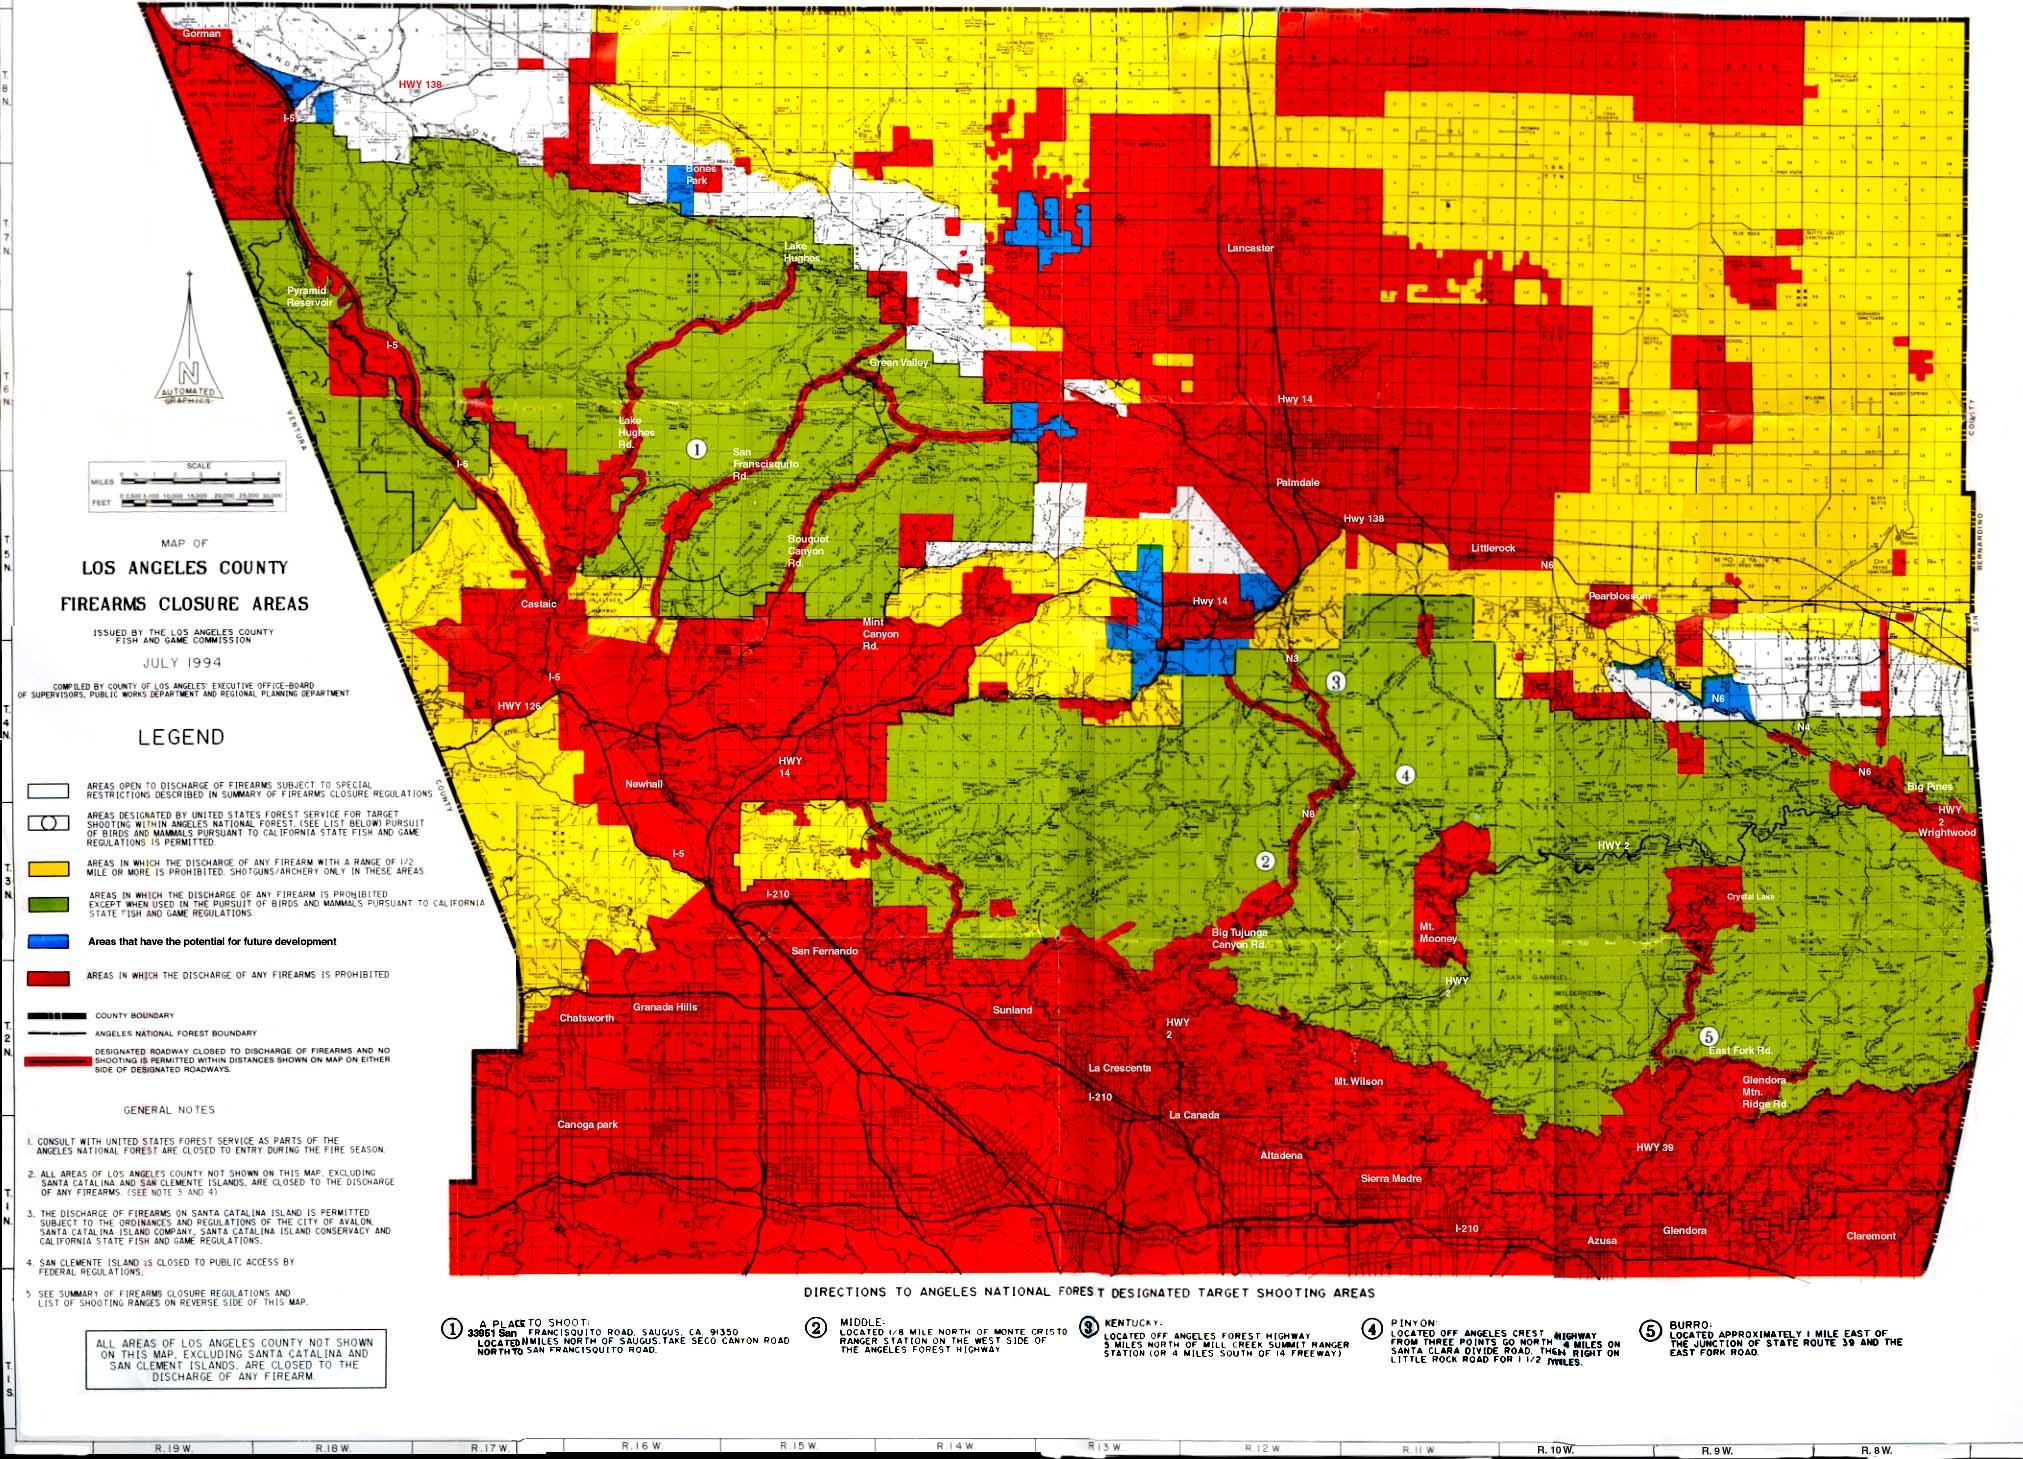 Blm Maps California California River Map Blm Map California Big Of - Blm Land Map Southern California